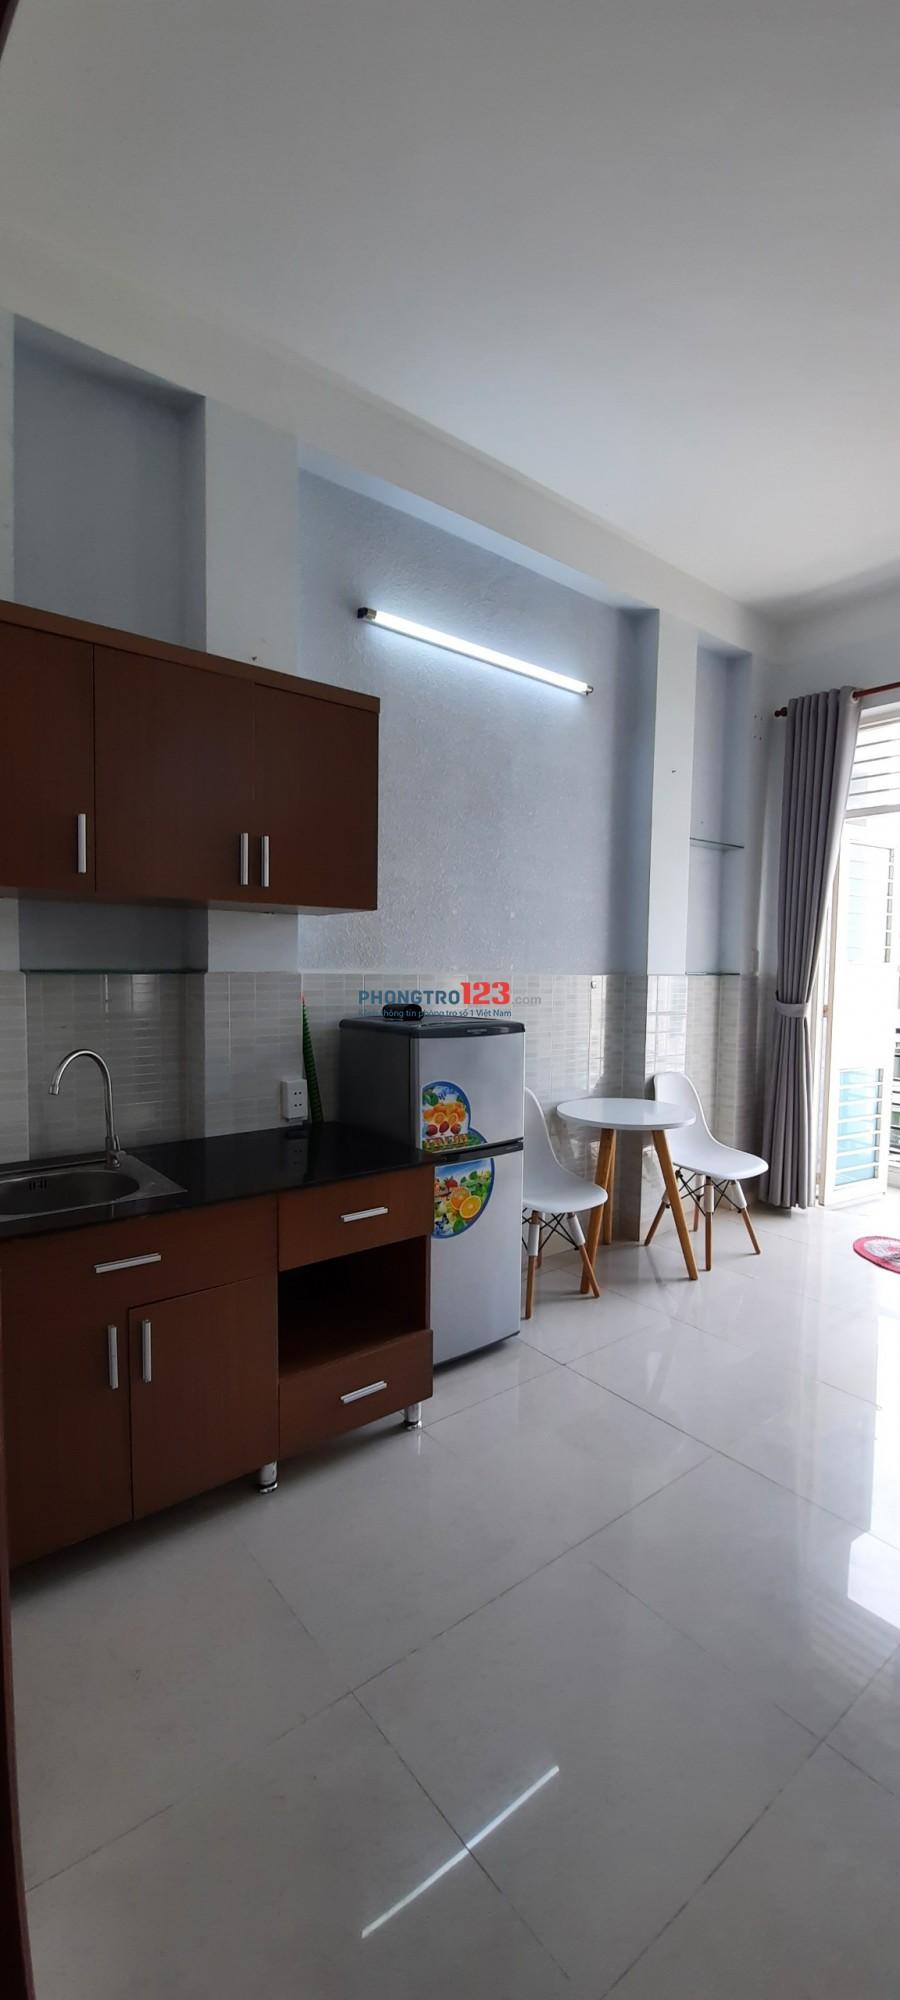 Cho thuê căn hộ cao cấp full nội thất TT Phú Nhuận